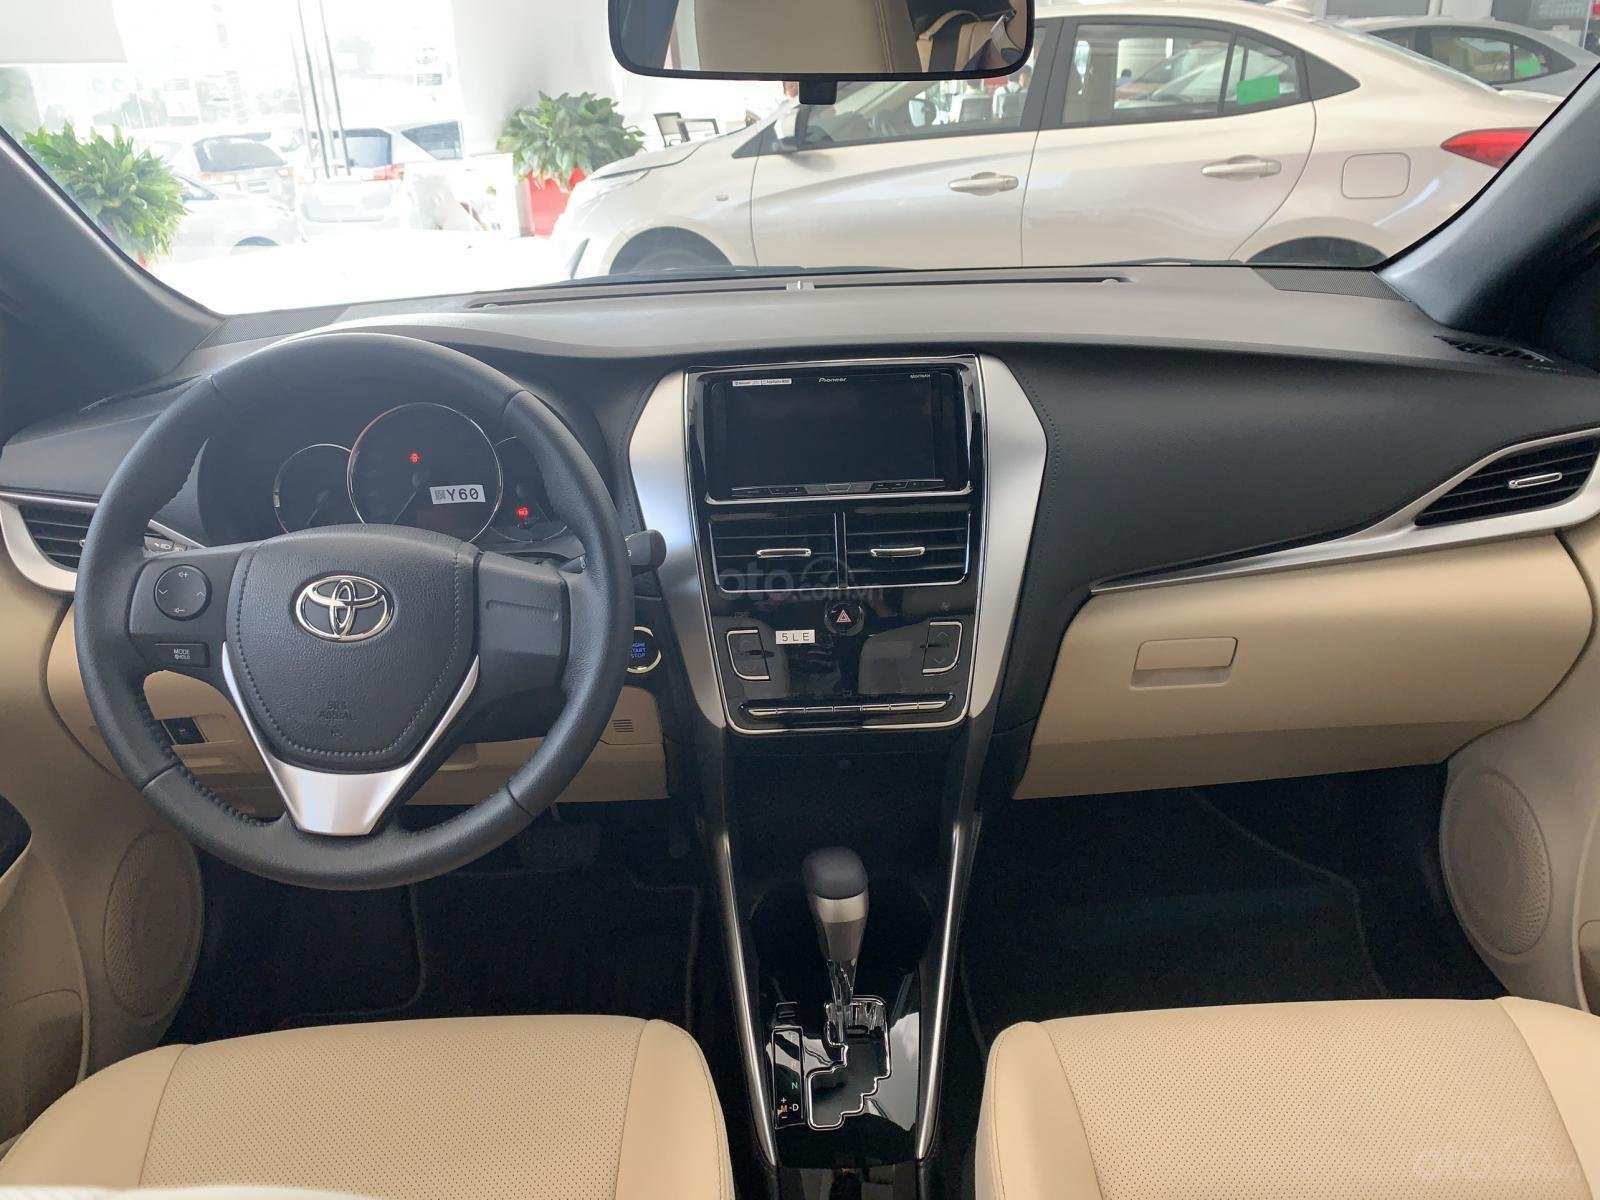 Toyota Yaris giao ngay - đủ màu - khuyến mãi ưu đãi (4)